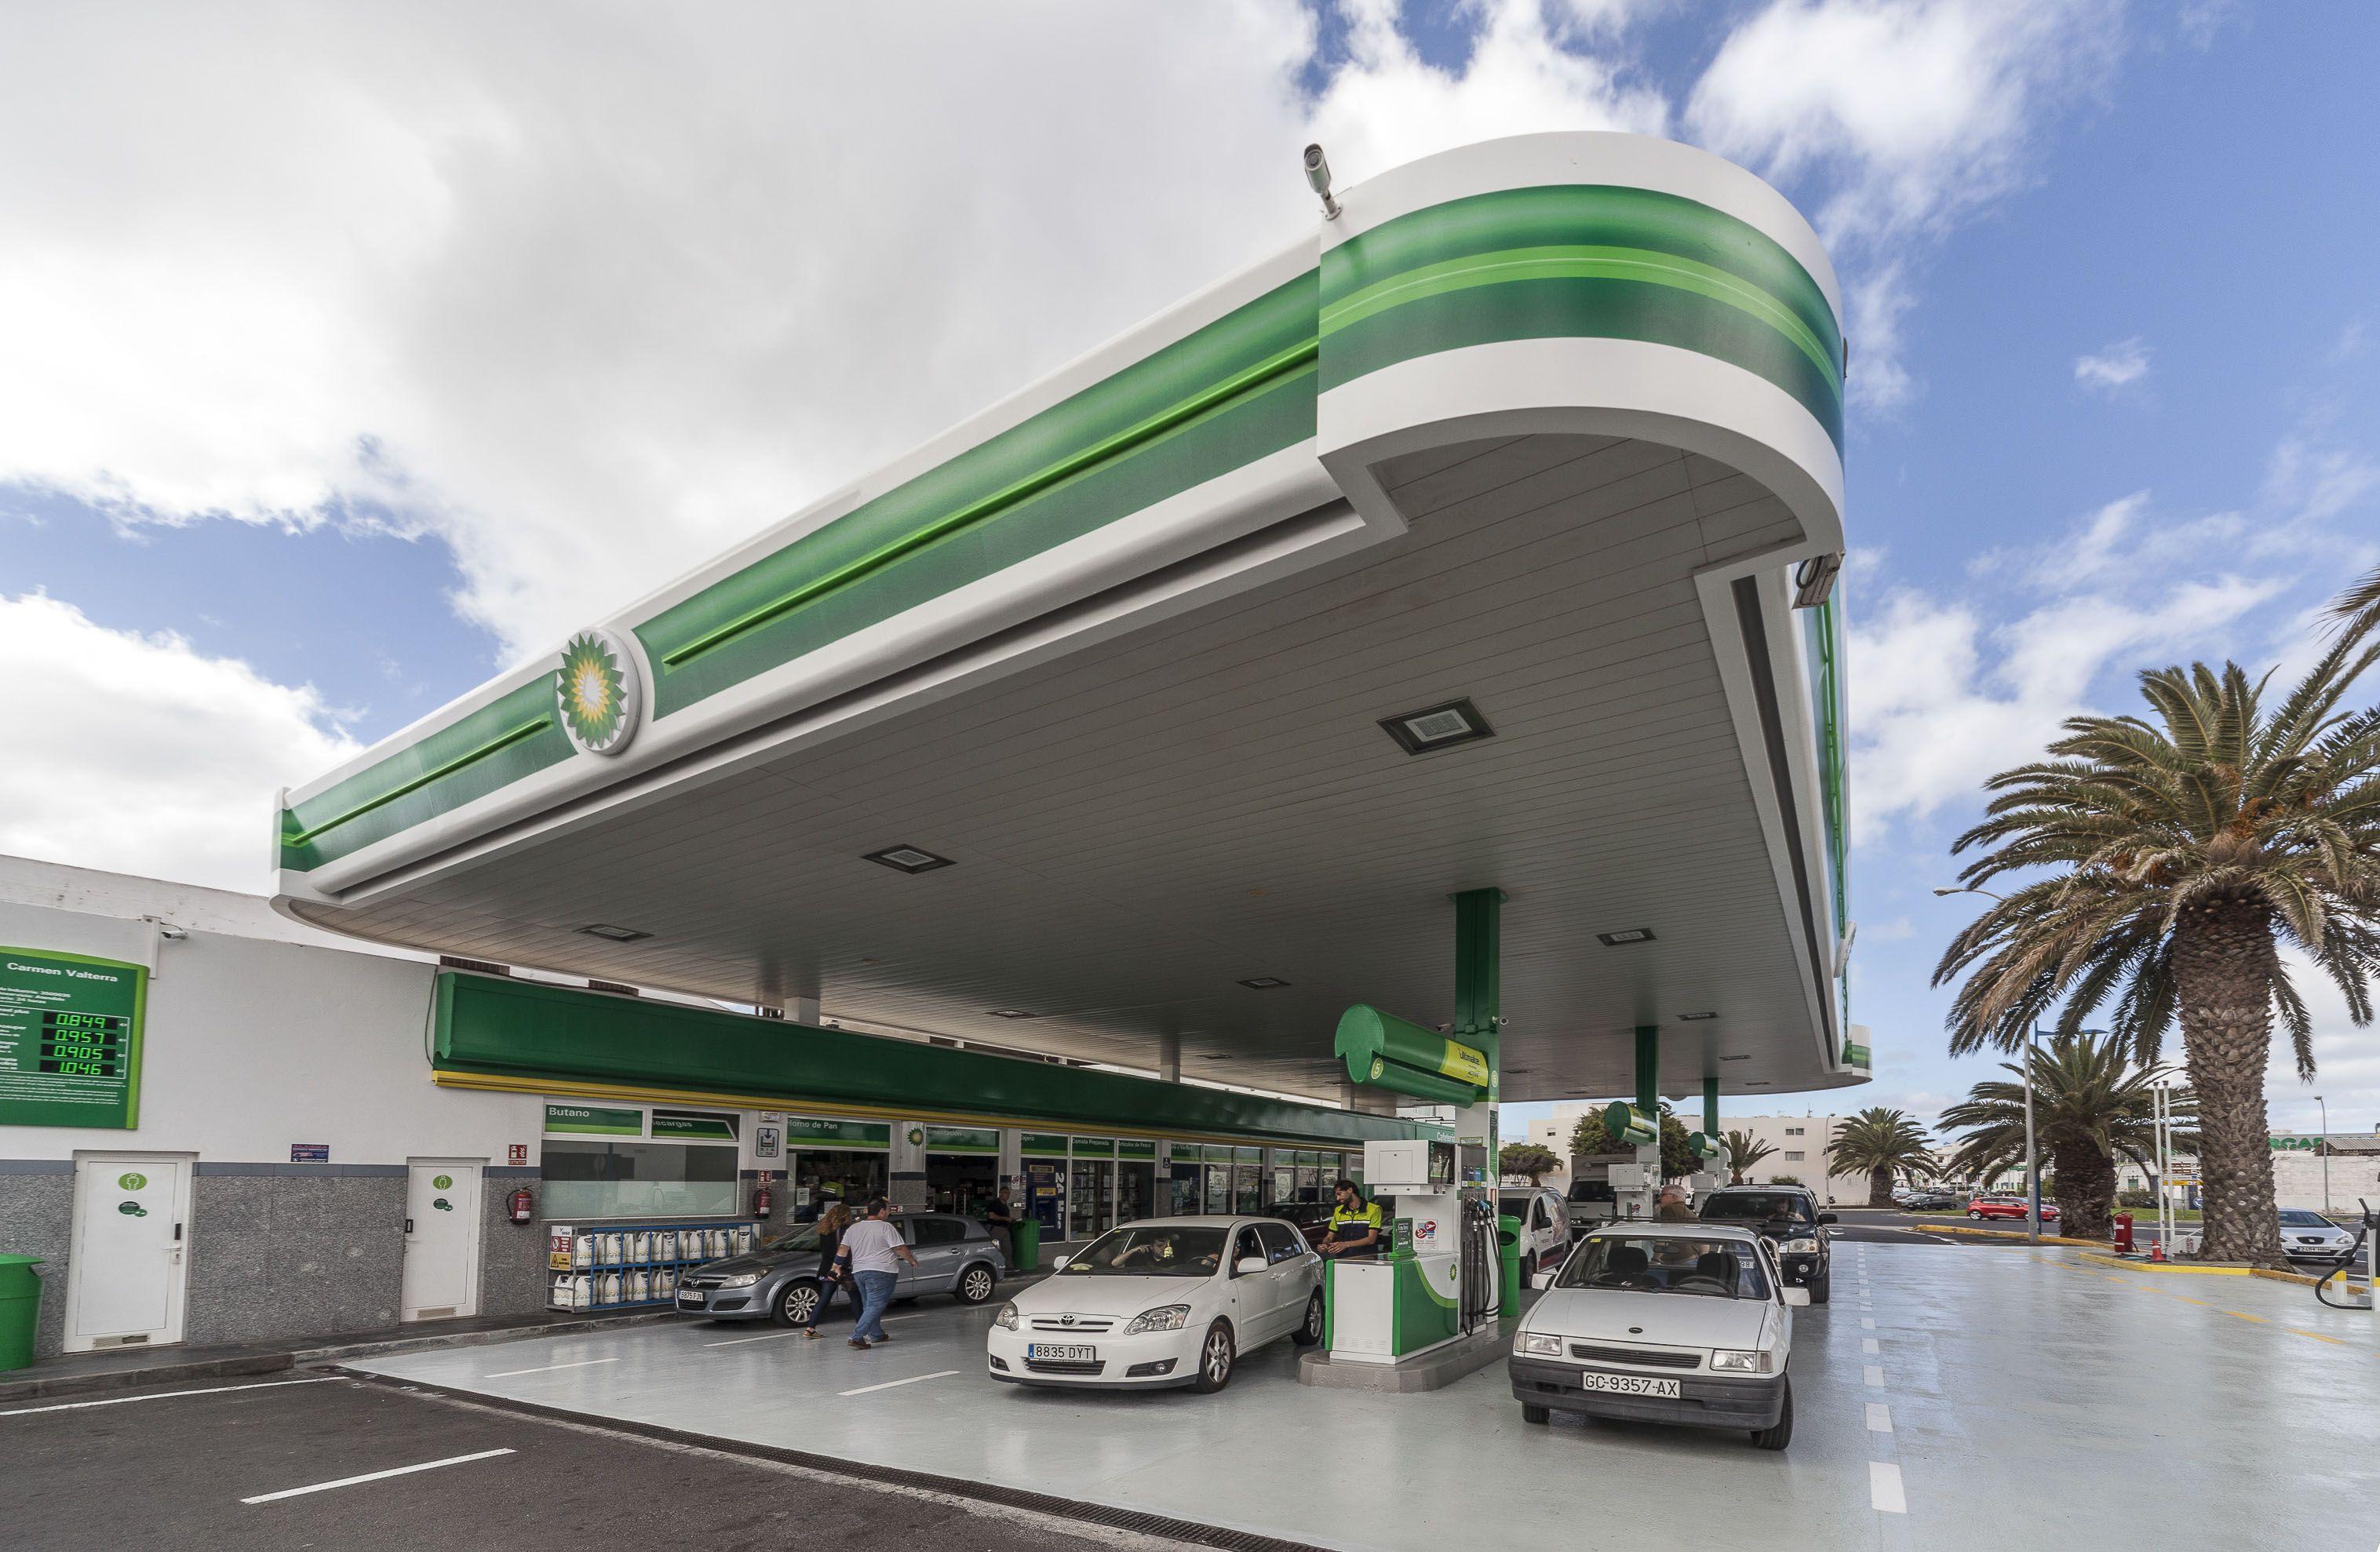 Gasolinera 24 horas Arrecife